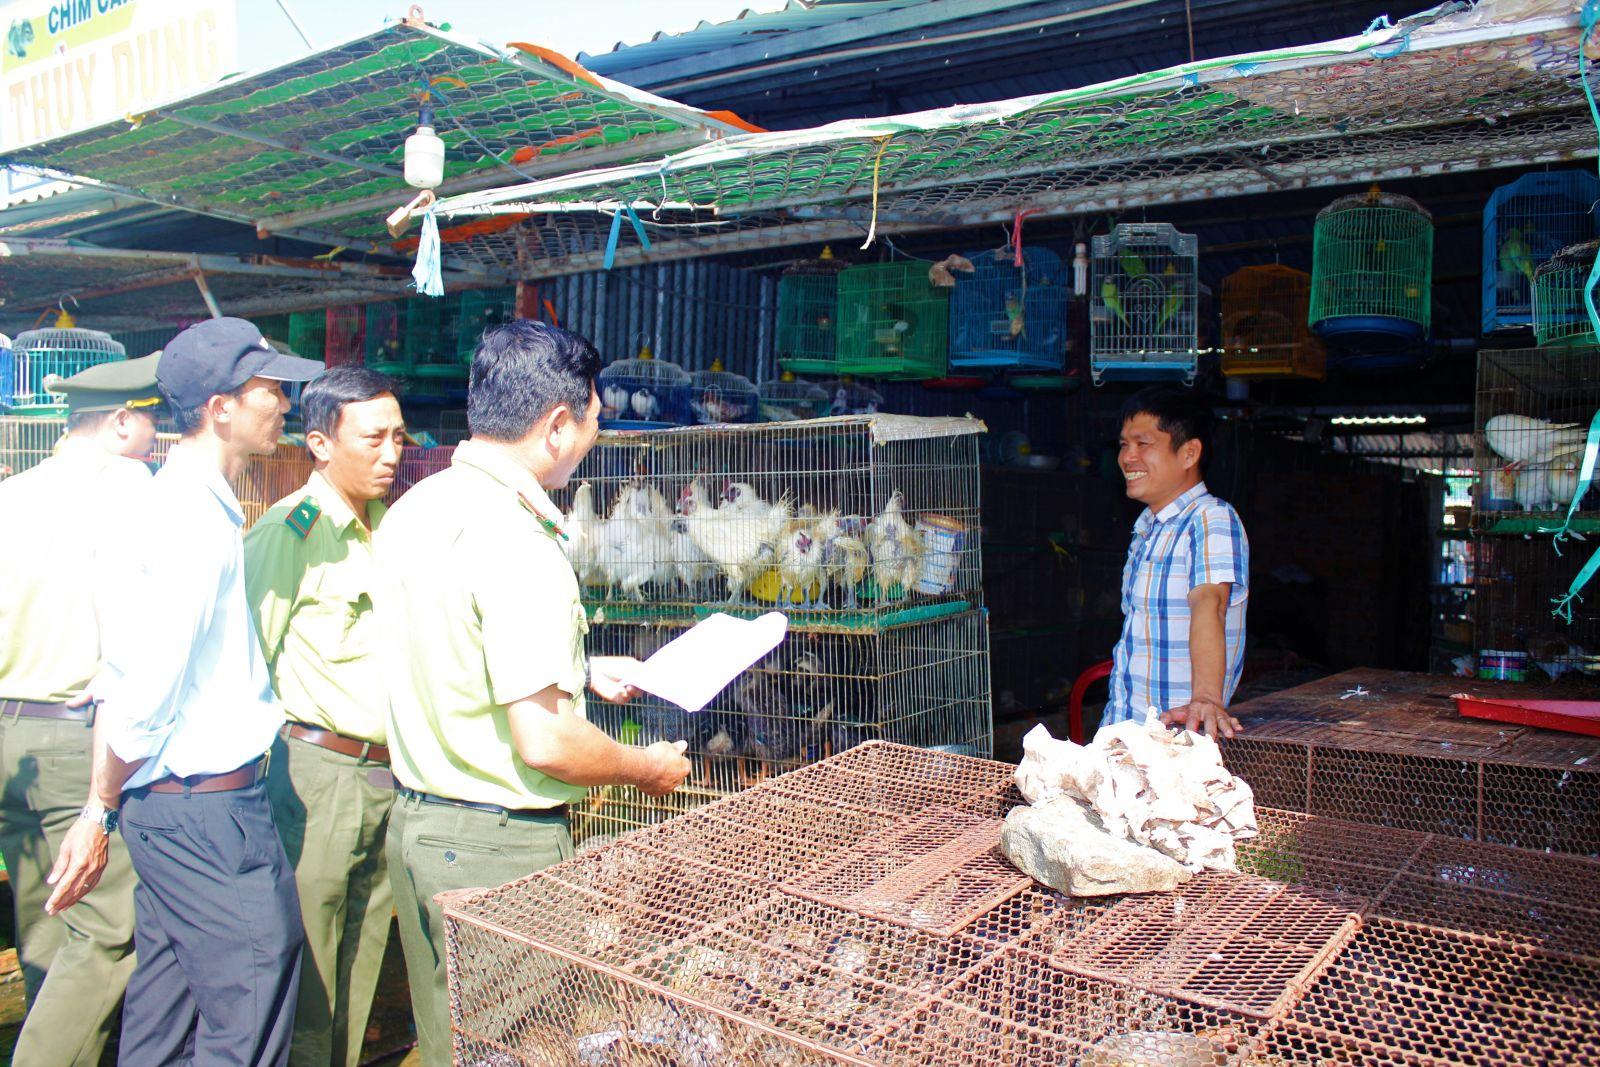 Thường xuyên thông tin, tuyên truyền kết hợp kiểm tra, nhắc nhở các hộ kinh doanh về việc mua bán các loài động vật có nguồn gốc hoang dã